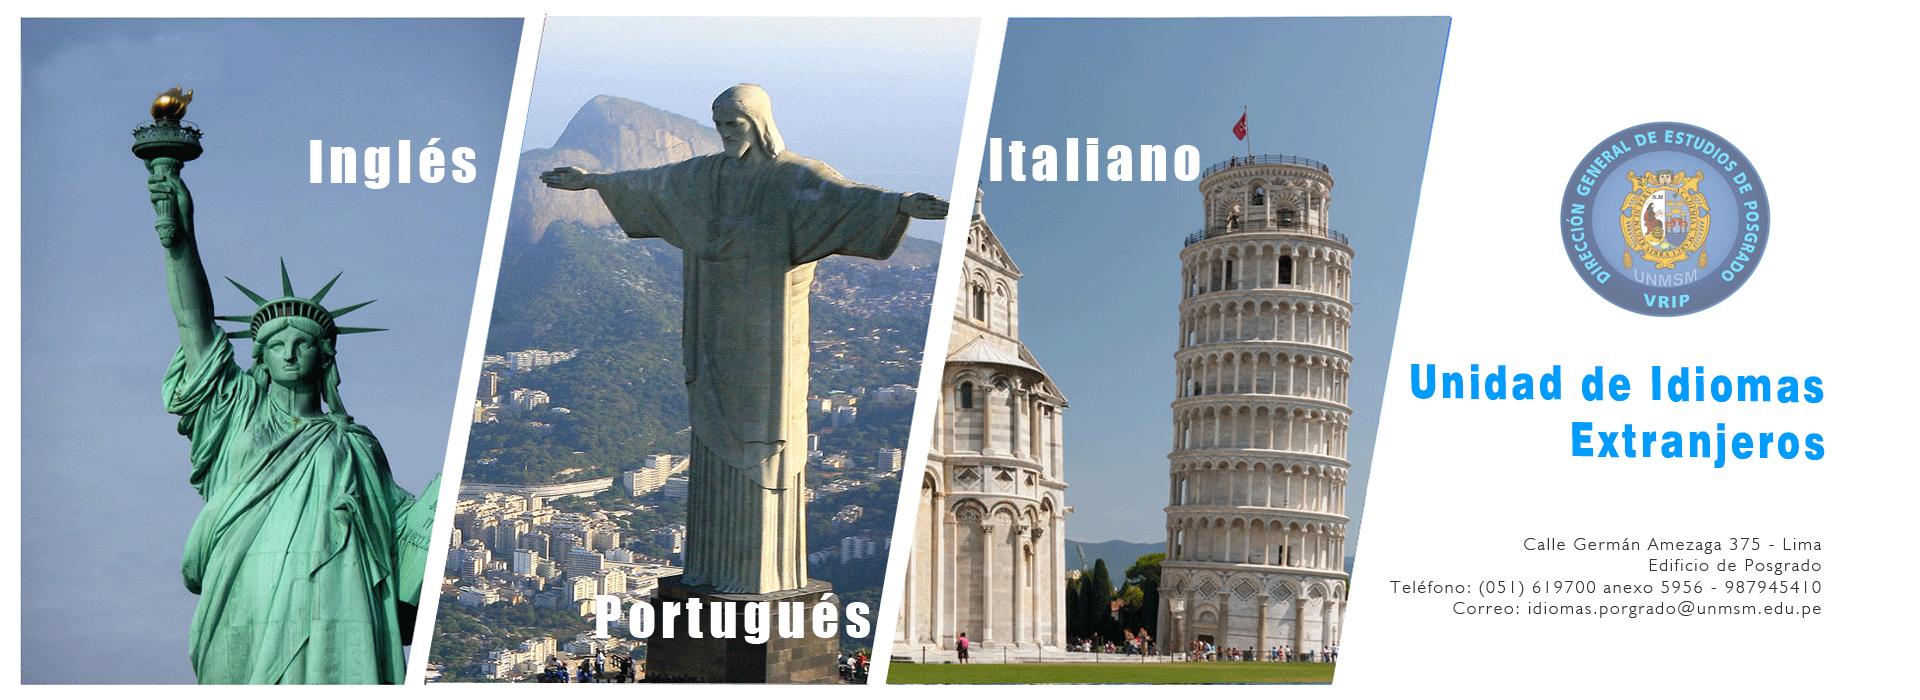 Unidad de Idiomas Extranjeros